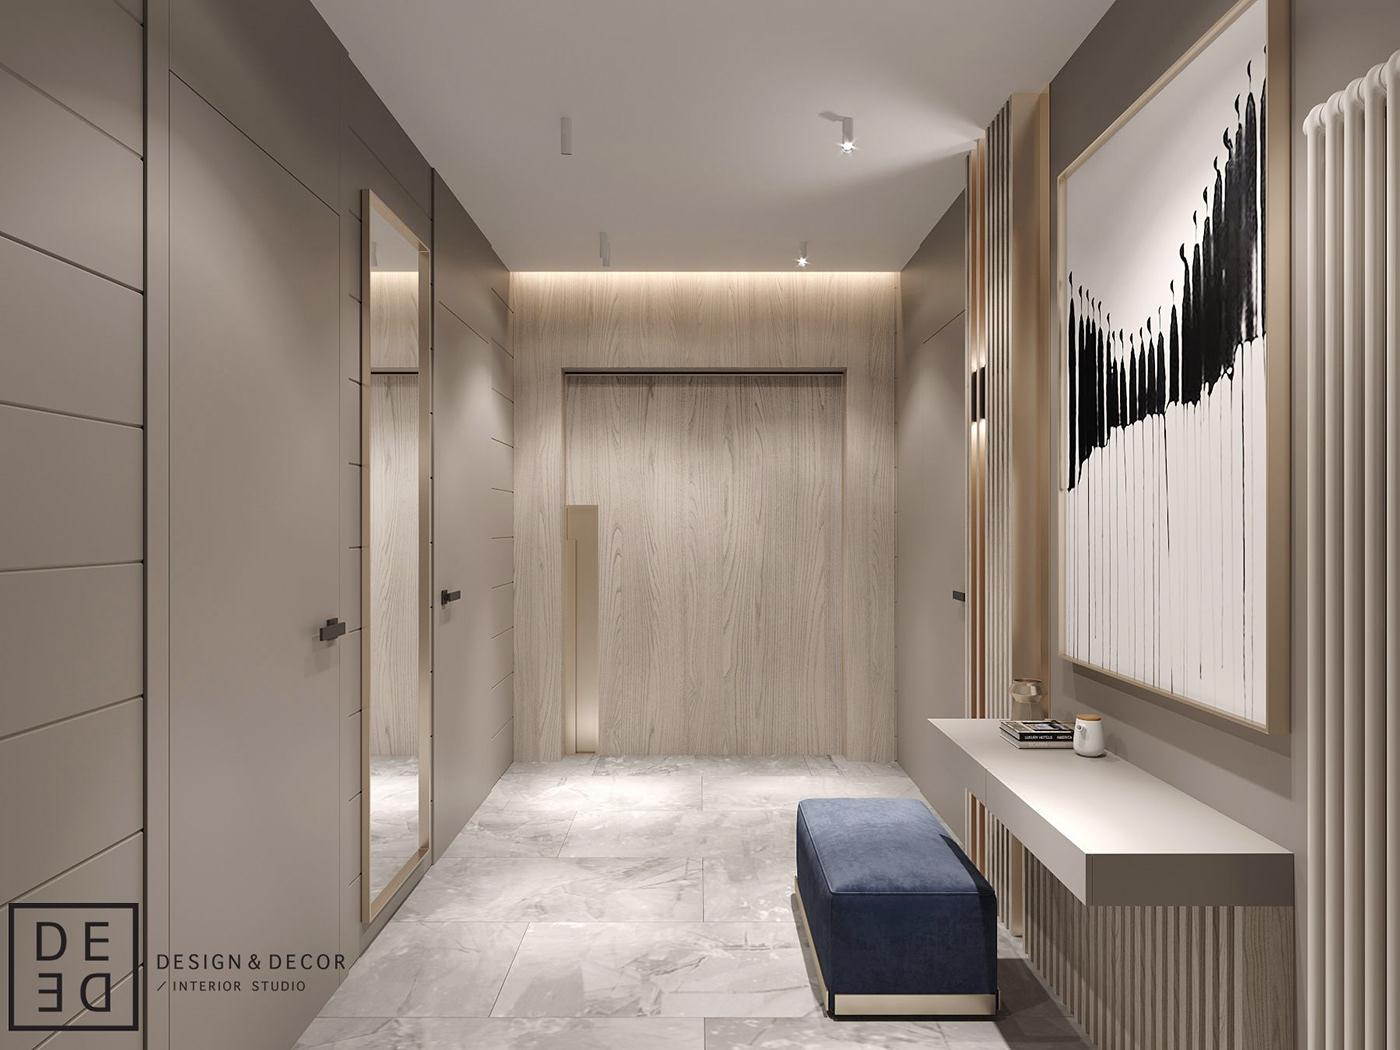 Interior design interiordesign architecture Minimalism moderninterior architecture design DE&DE Interior Studio corona render